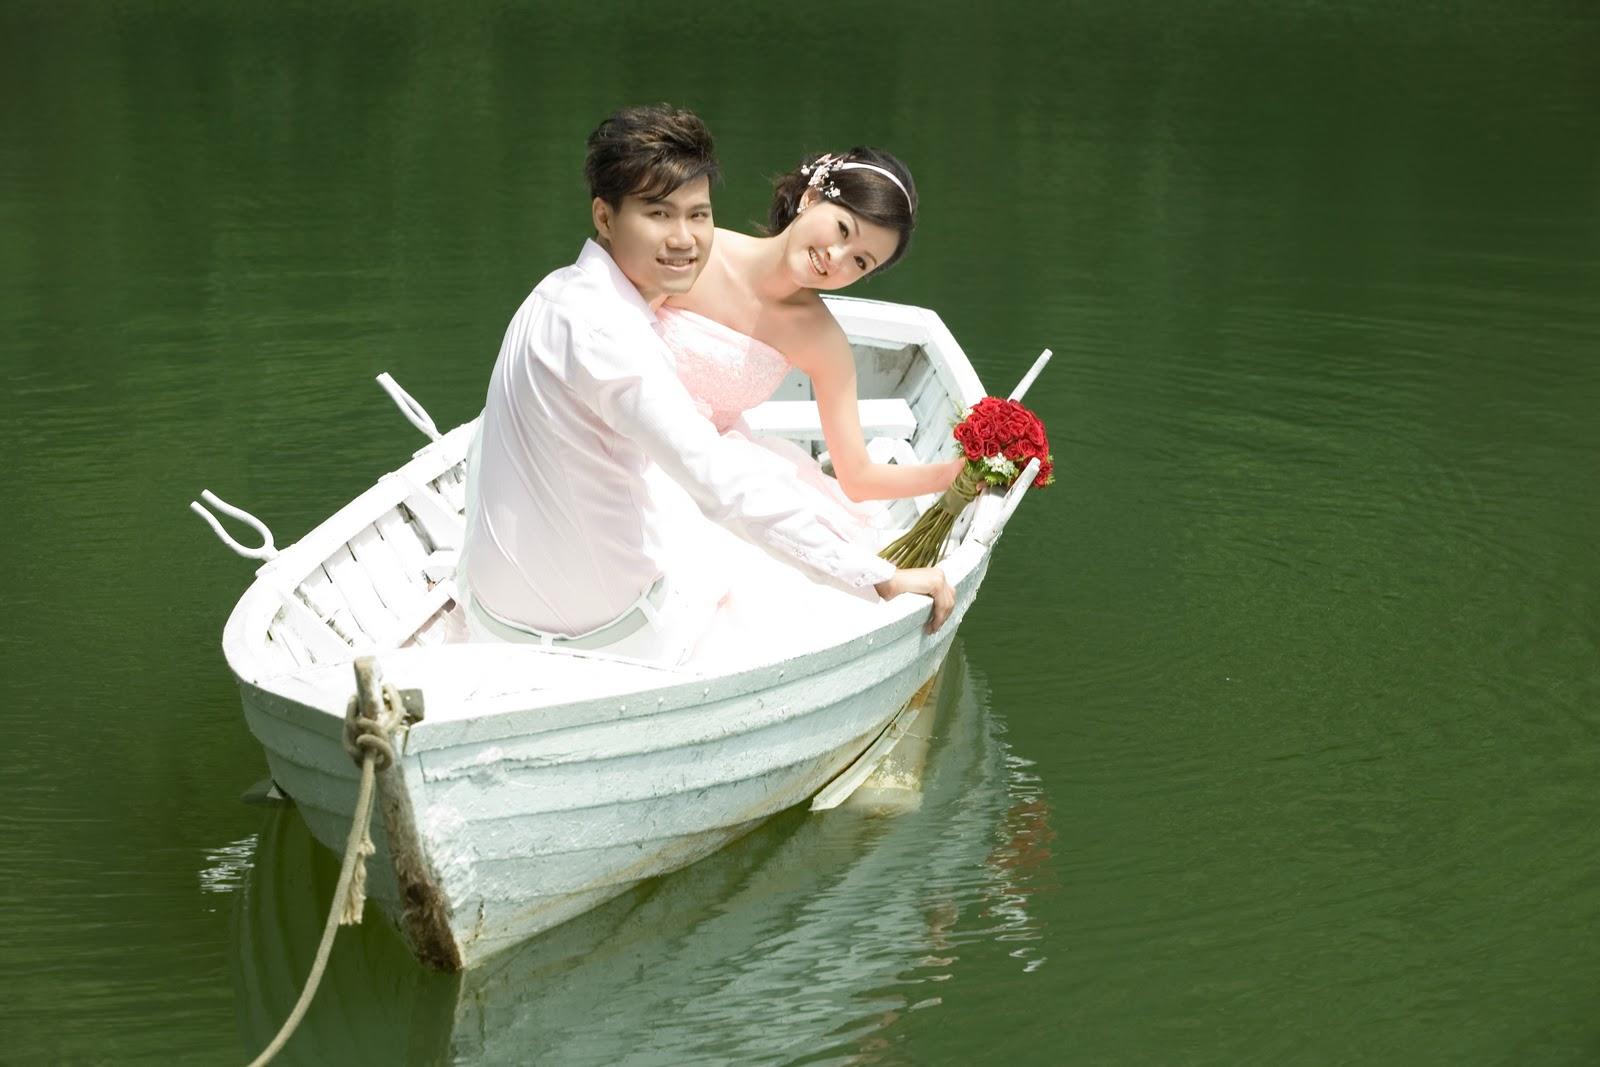 Цветок двое в лодке фото